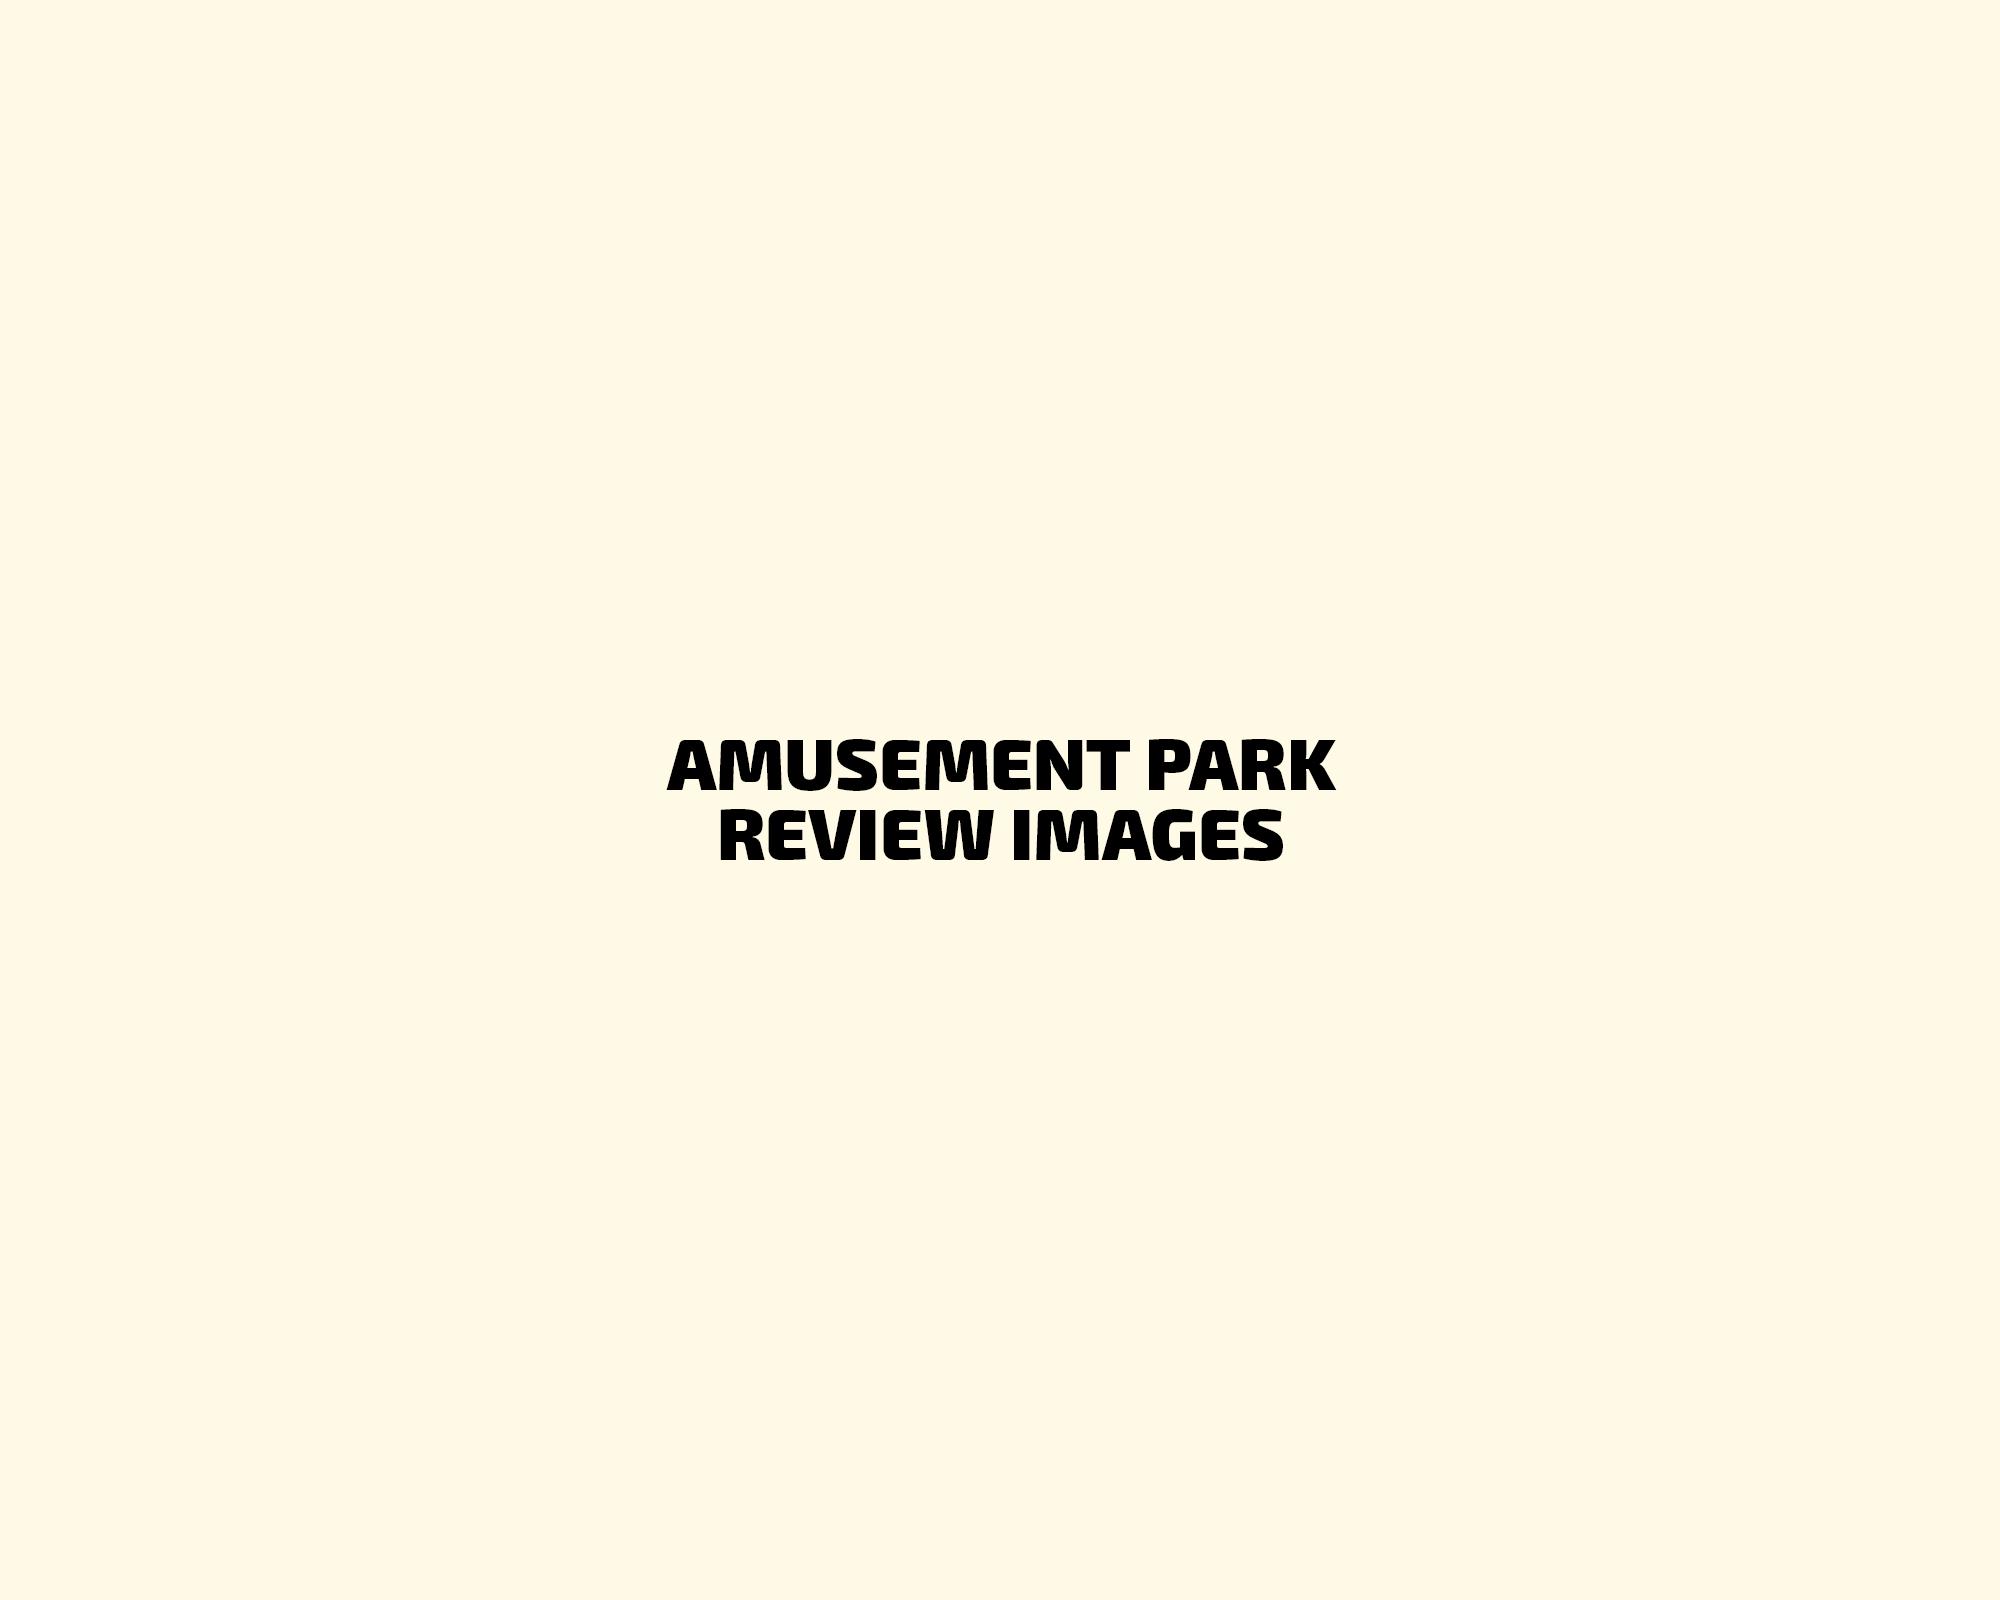 a-amusement-park-gallery